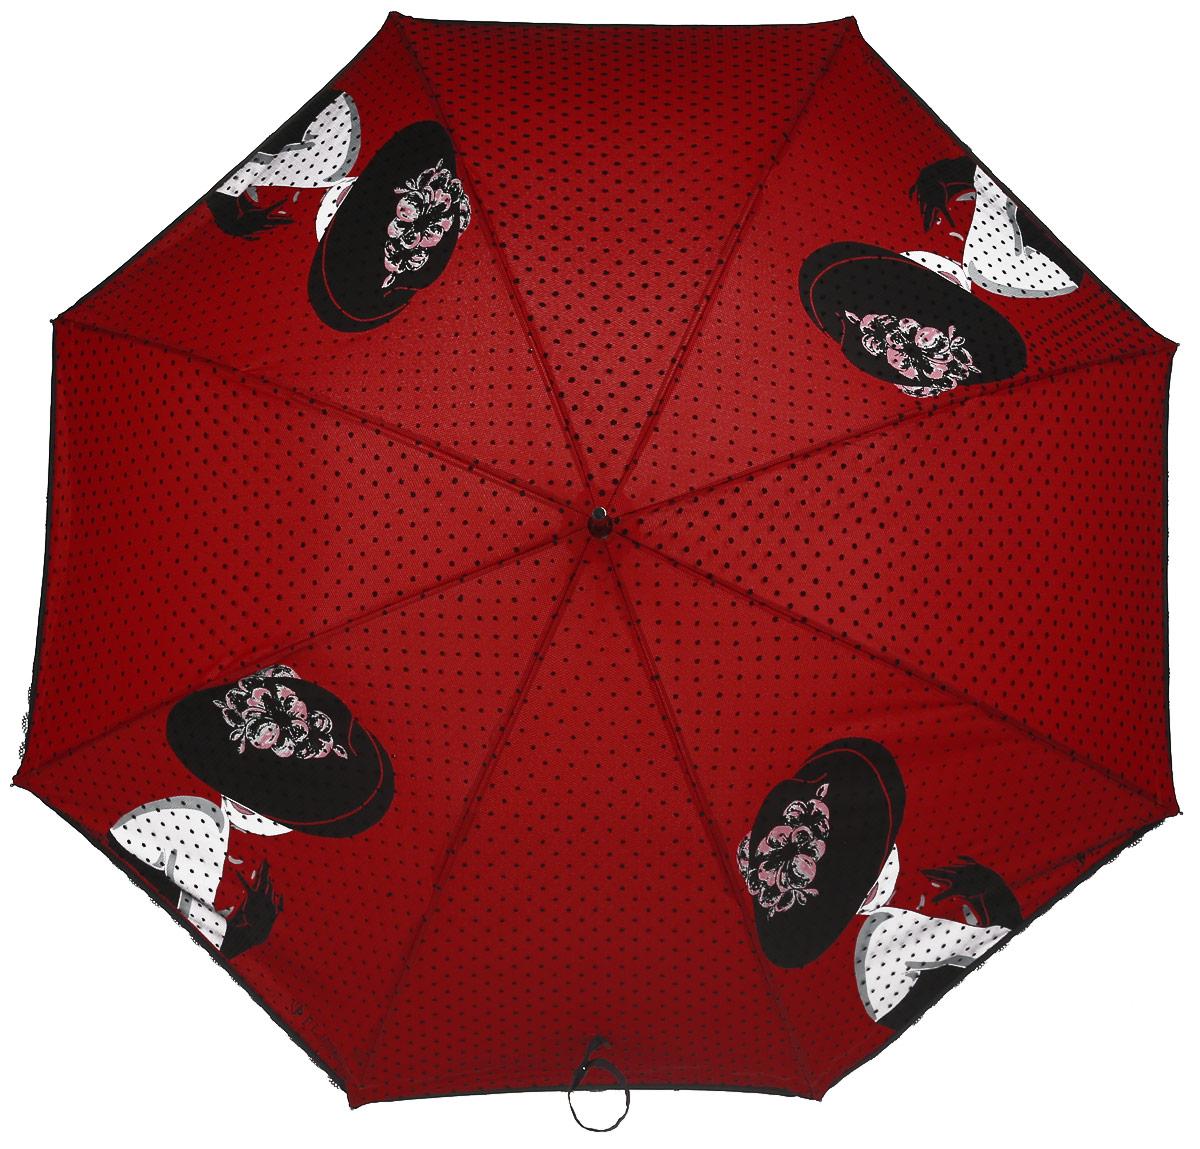 Зонт женский Flioraj, механика, трость, цвет: красный, черный. 121203 FJ45100636-1/18466/6800NЭлегантный зонт Flioraj выполнен из высококачественного полиэстера, не пропускающего воду. Уникальный каркас из анодированной стали, карбоновые спицы помогут выдержать натиск ураганного ветра. Улучшенный механизм зонта, максимально комфортная ручка держателя, увеличенный в длину стержень, тефлоновая пропитка материала купола - совершенство конструкции с изысканностью изделия на фоне конкурентоспособной цены.